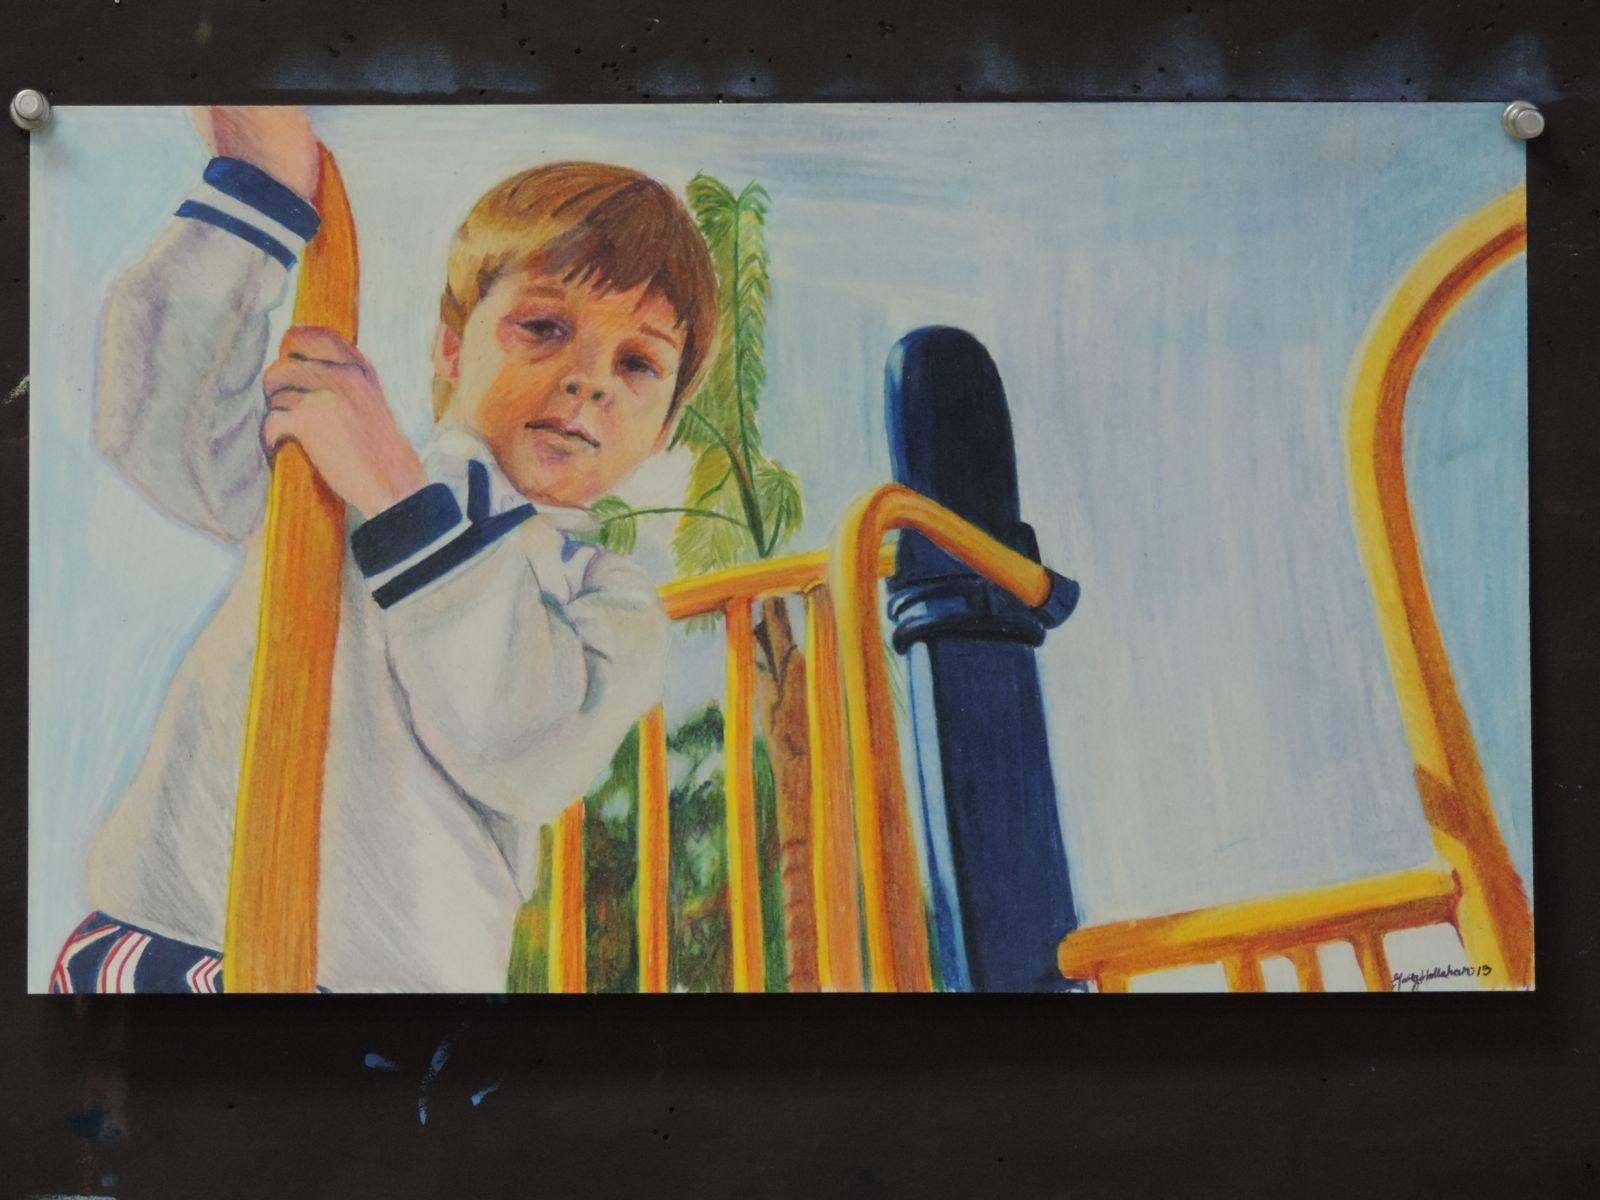 gallery18957_1.jpg